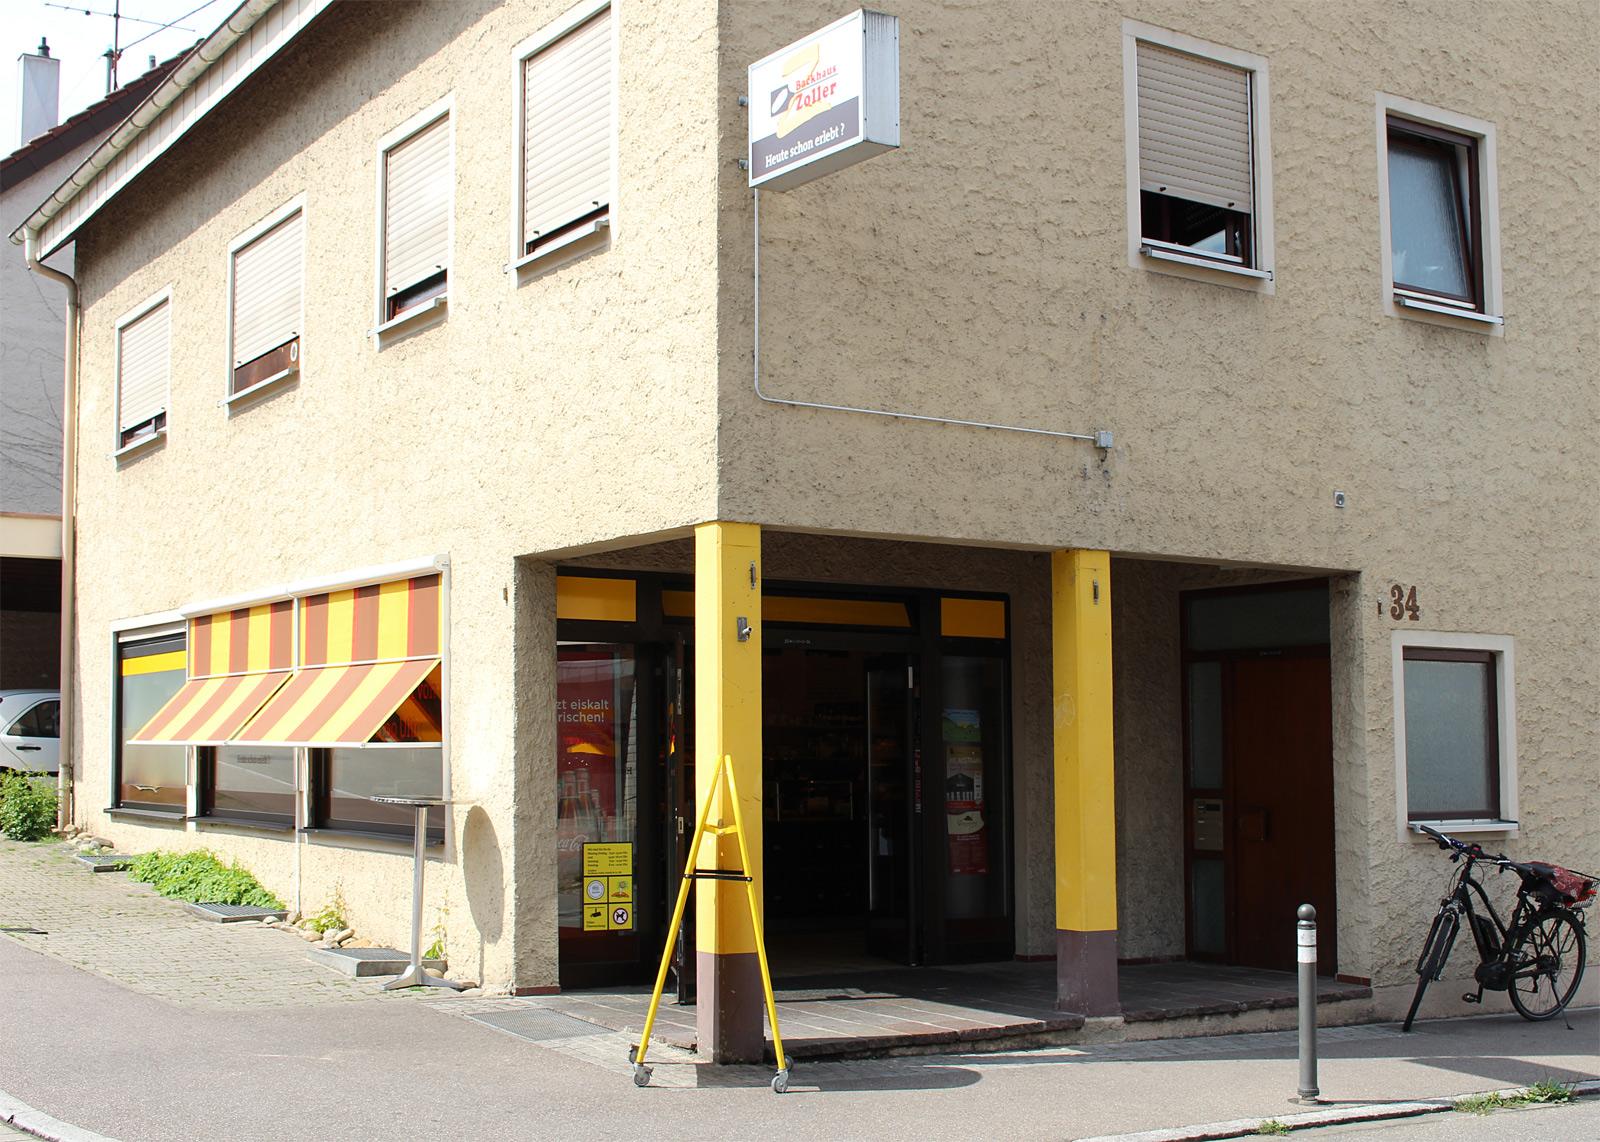 backhaus-zoller-fageschaeft_Unterboihingen-aussen